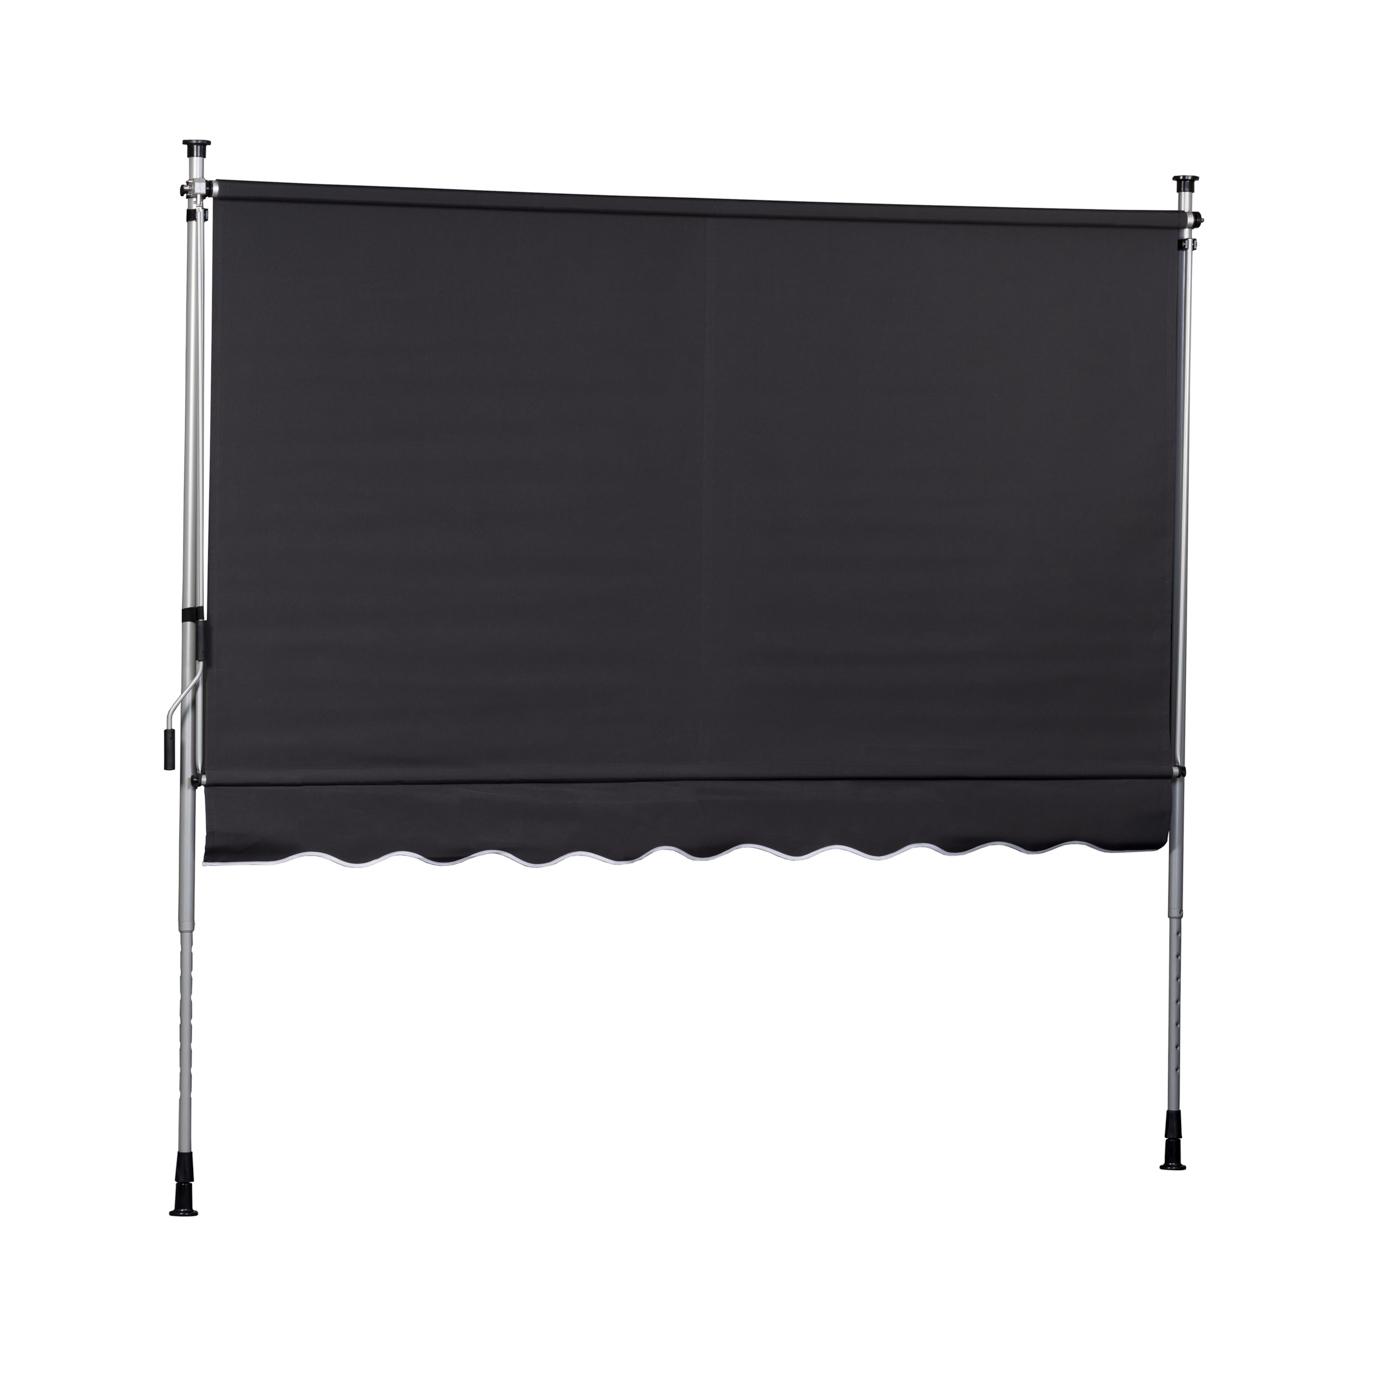 klemmmarkise anthrazit balkonmarkise markise spannmarkise sonnenschutz ebay. Black Bedroom Furniture Sets. Home Design Ideas